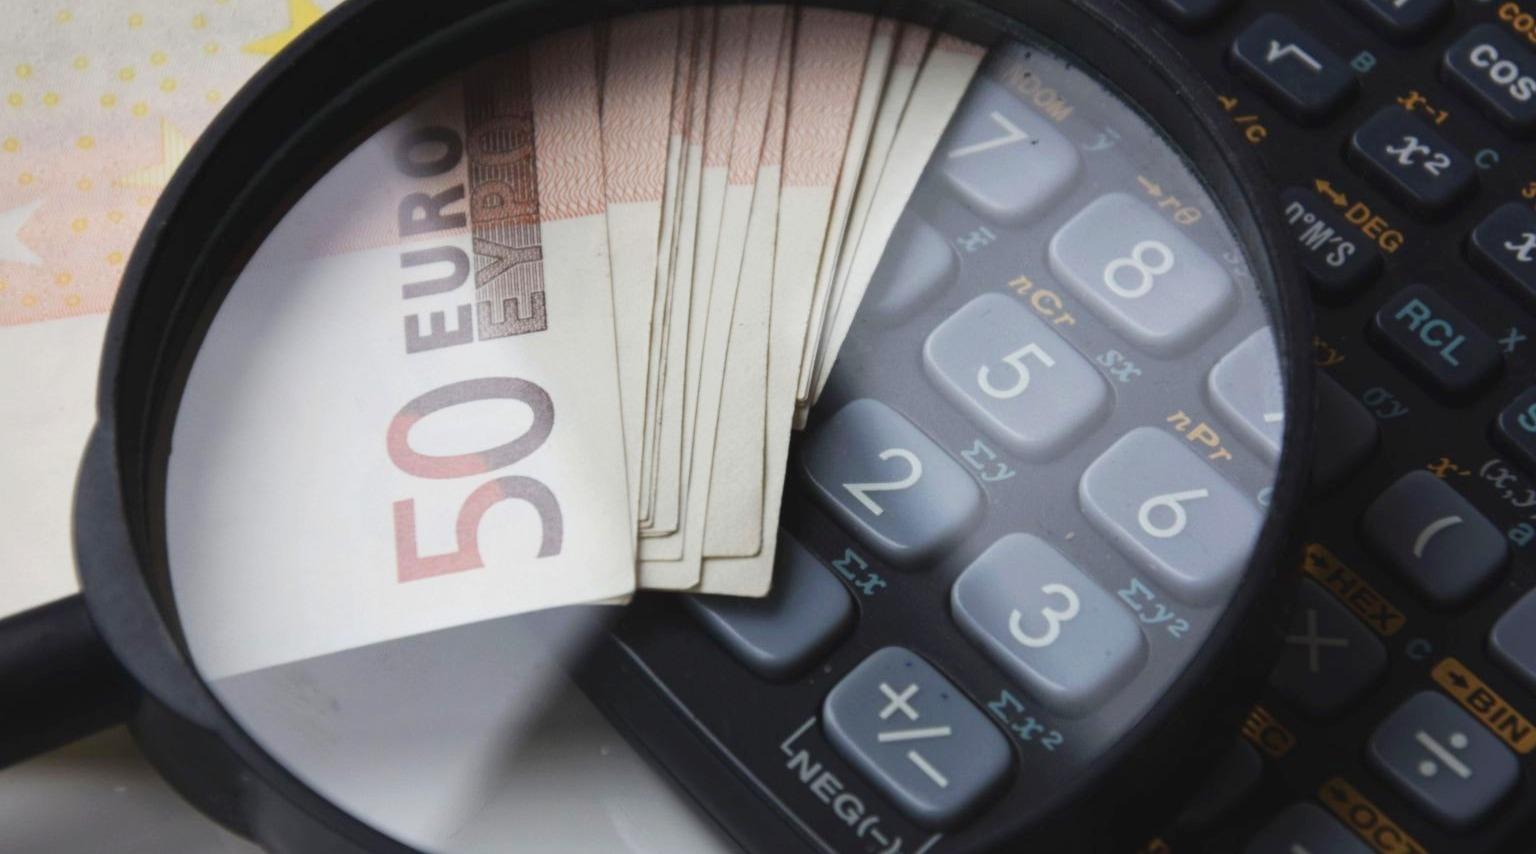 Gehaltsabrechnung aufbewahren